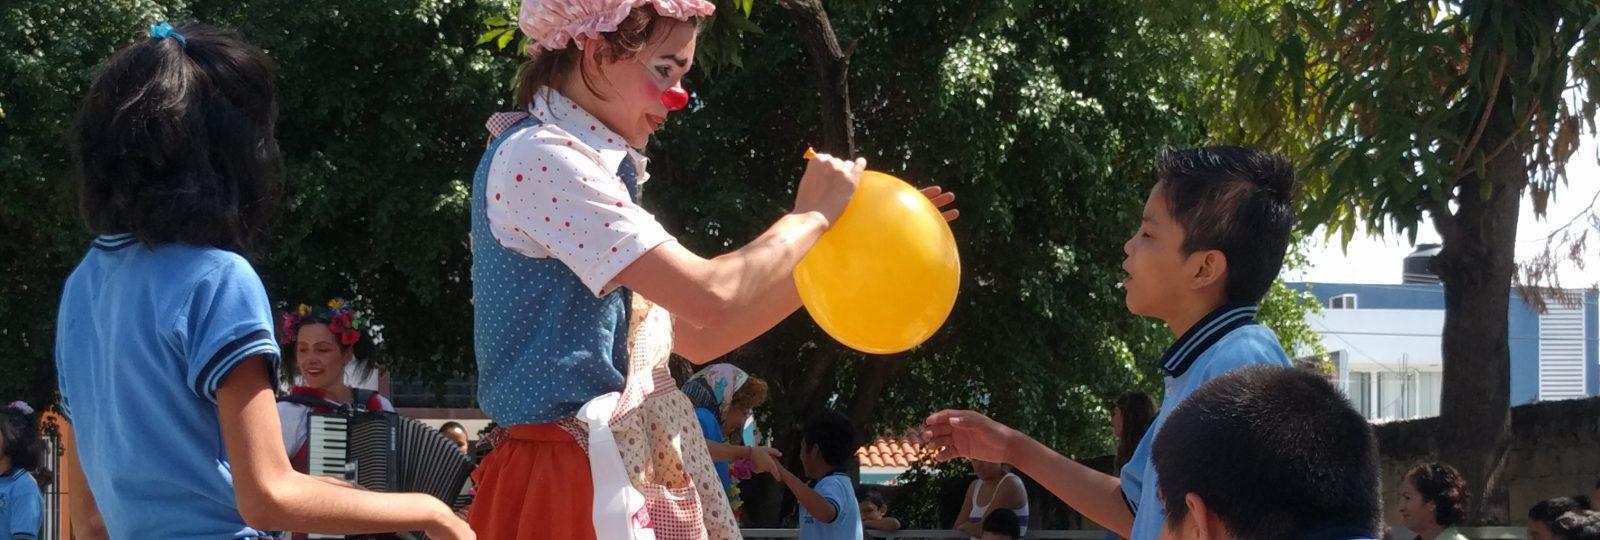 A clown ties off a balloon for a little boy